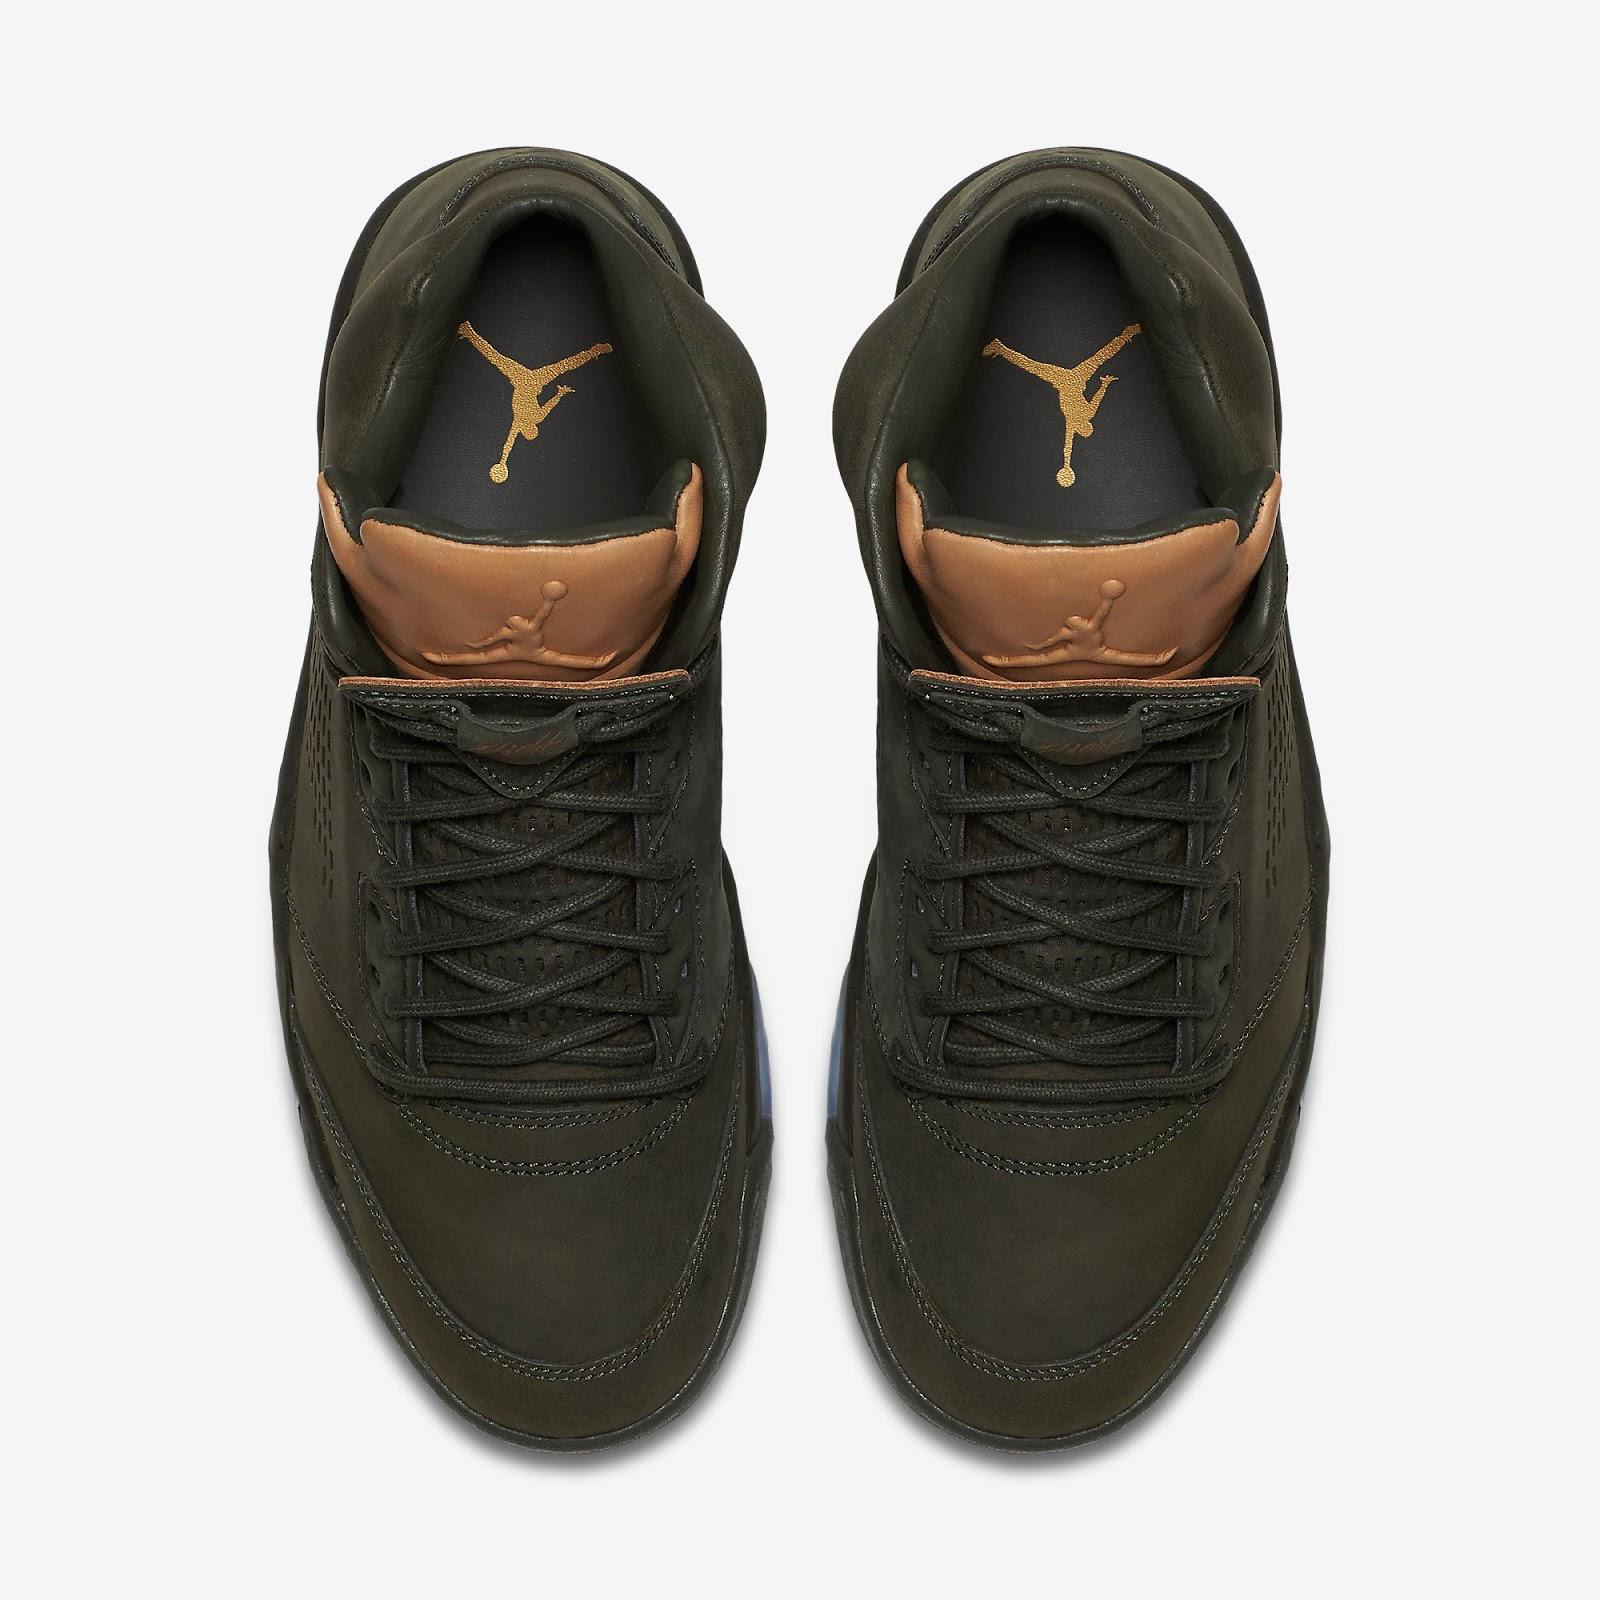 low priced 7d381 50cd6 ajordanxi Your  1 Source For Sneaker Release Dates  Air Jordan 5 ...